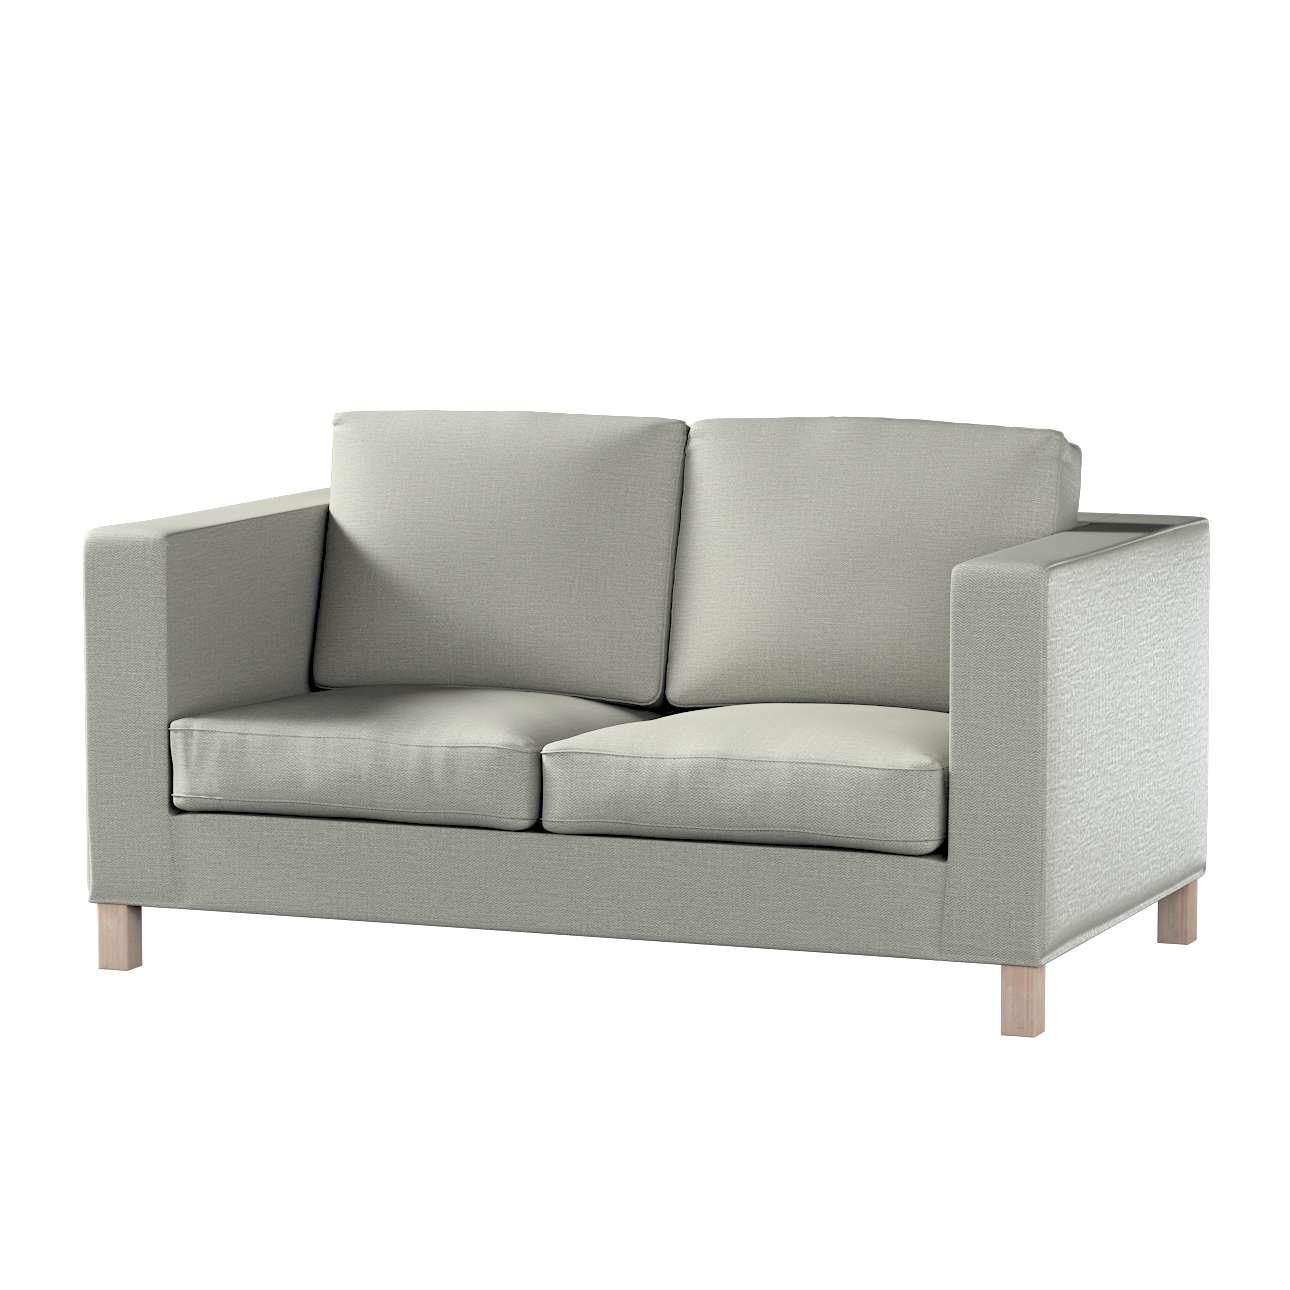 Bezug für Karlanda 2-Sitzer Sofa nicht ausklappbar, kurz von der Kollektion Bergen, Stoff: 161-83